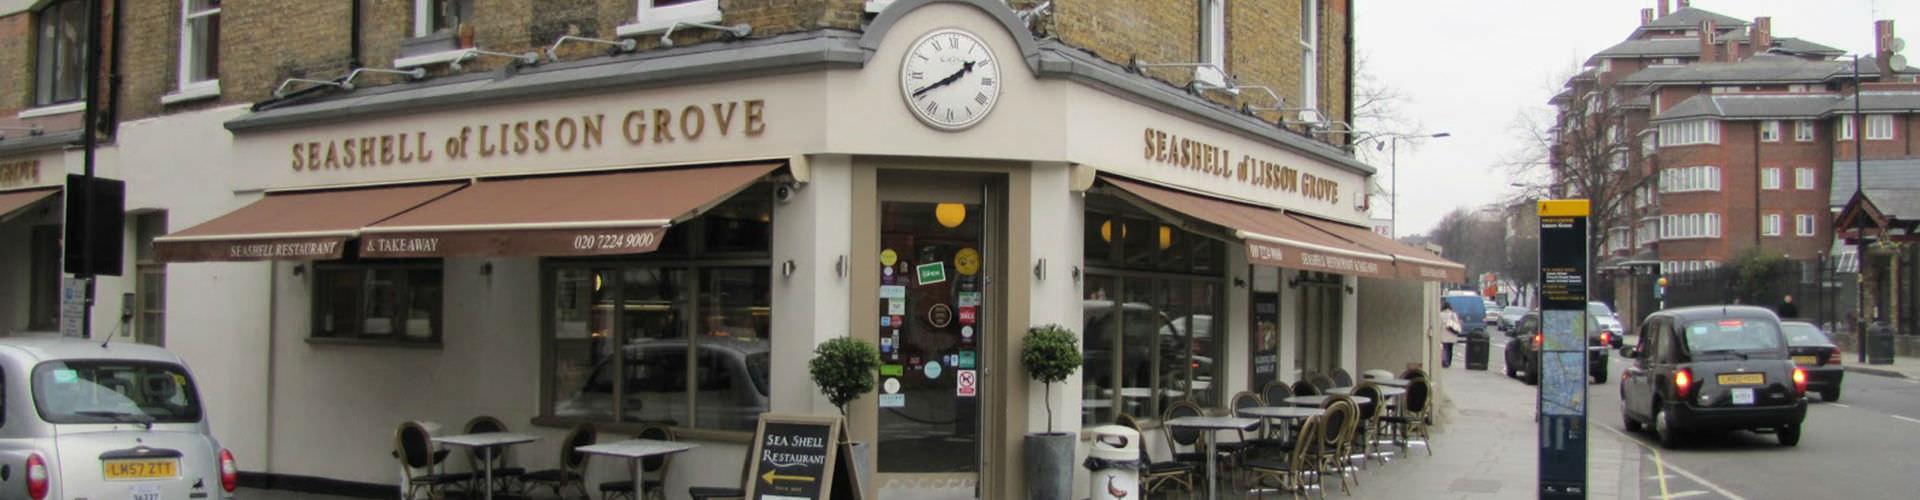 Londres - Hôtels dans le quartier de Lisson Grove. Cartes pour Londres, photos et commentaires pour chaque hôtel à Londres.